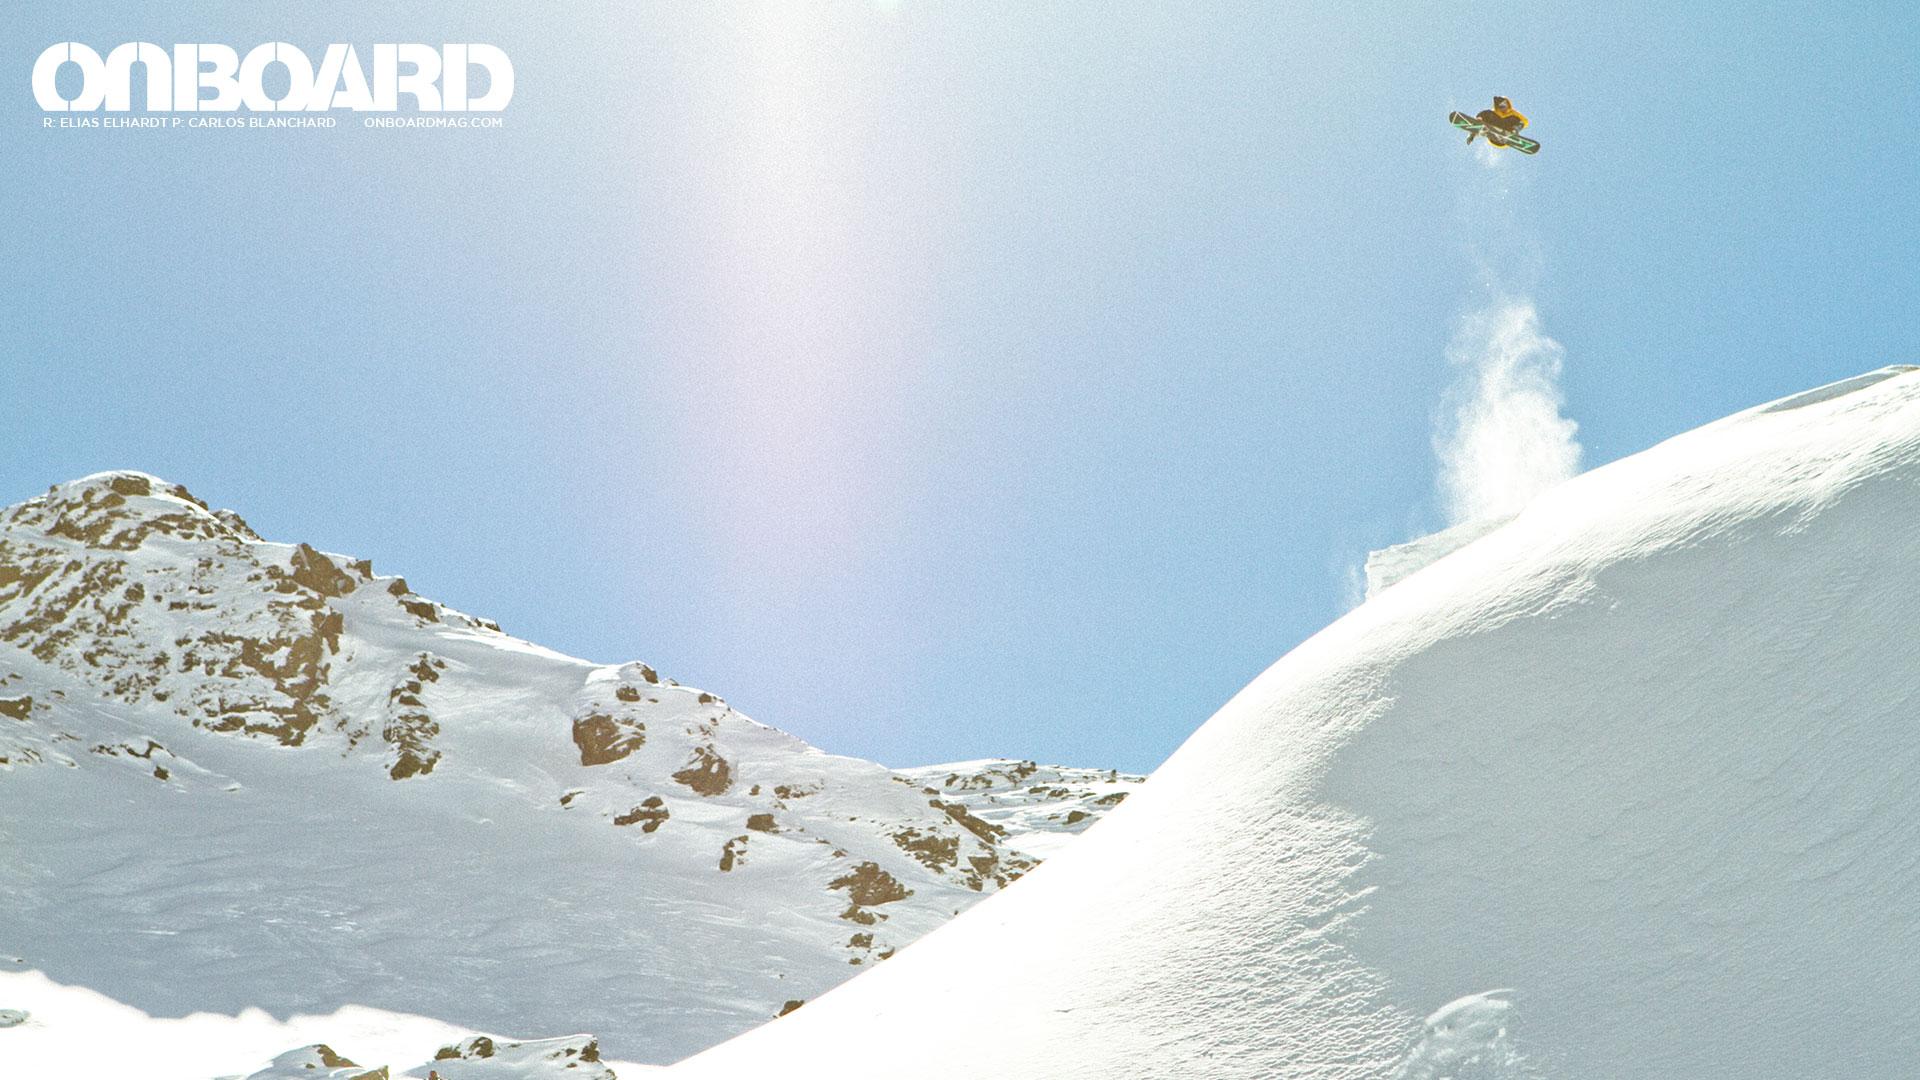 snowboard-wallpaper-elias-elhardt-zillertal-1920x1080